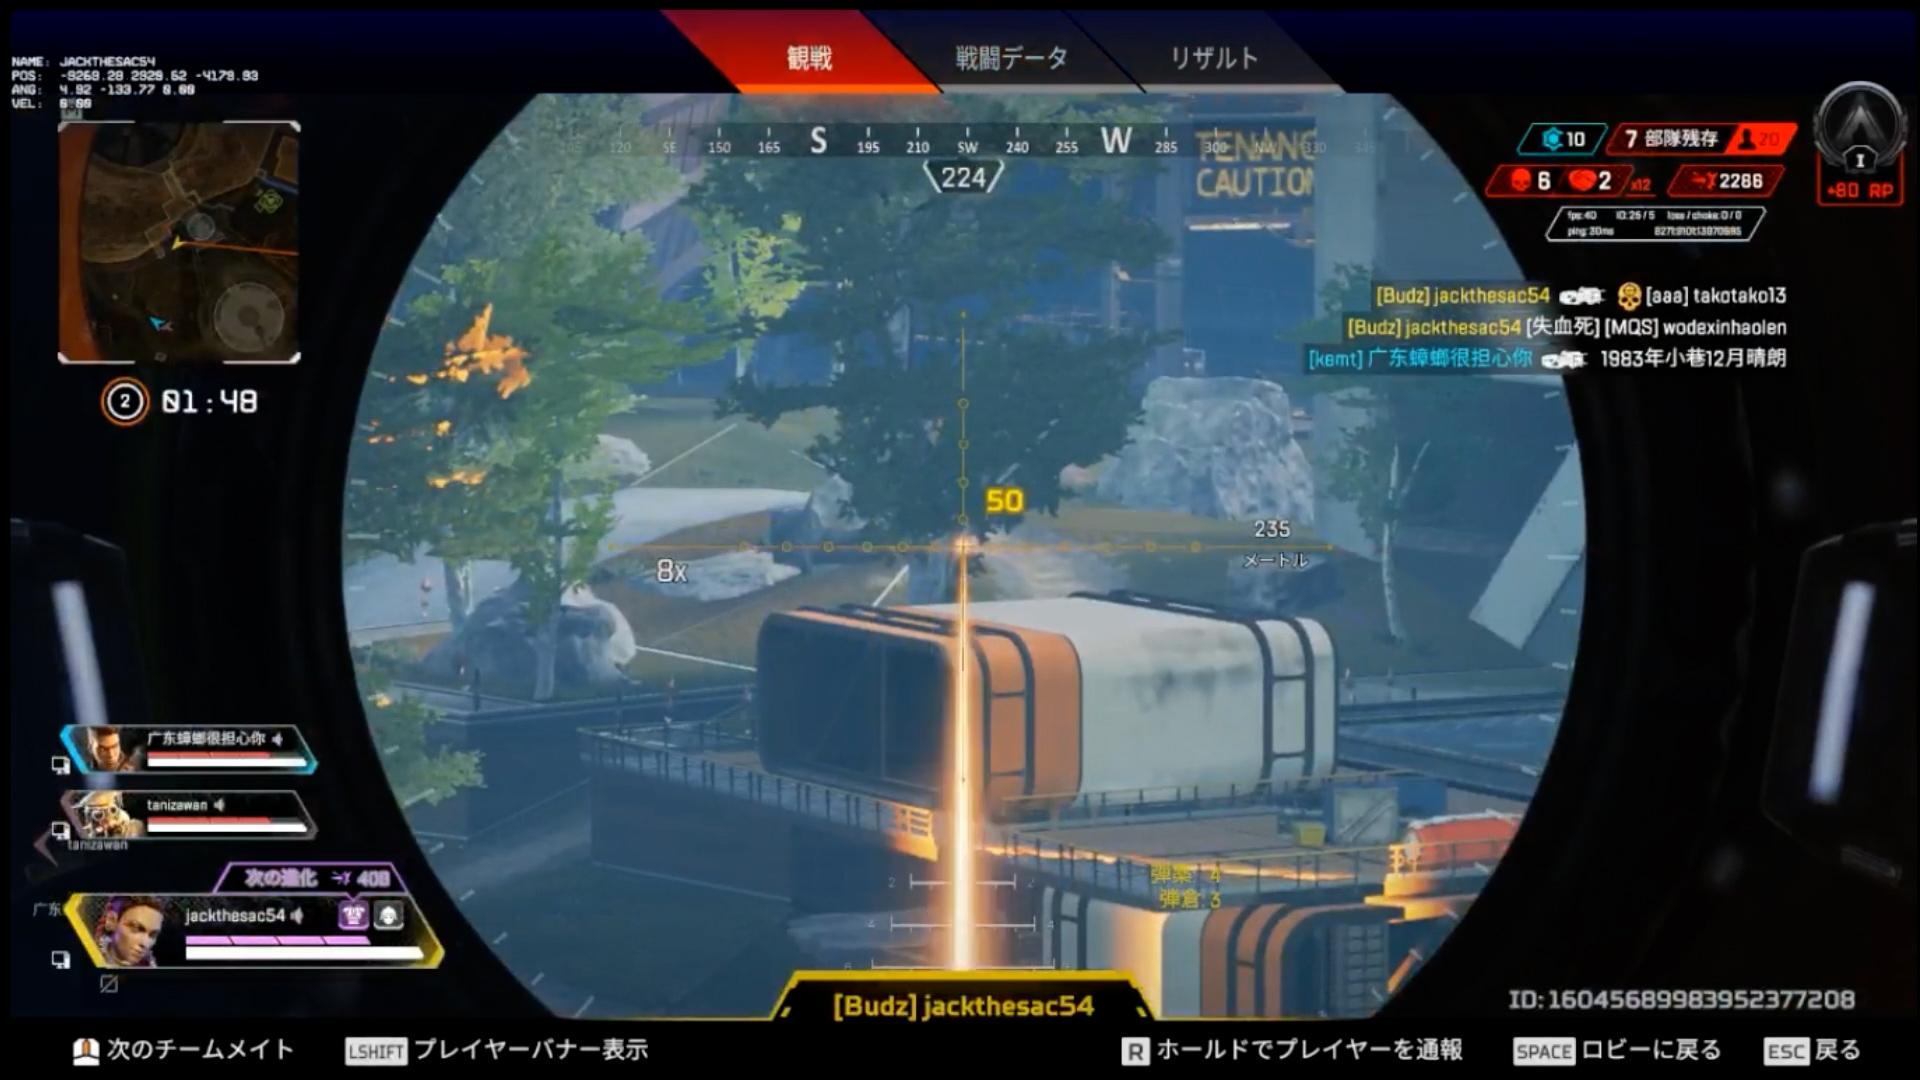 【悲報】チャージライフルが無限に撃てなくなるチート対策アプデ、意味がなかった・・・